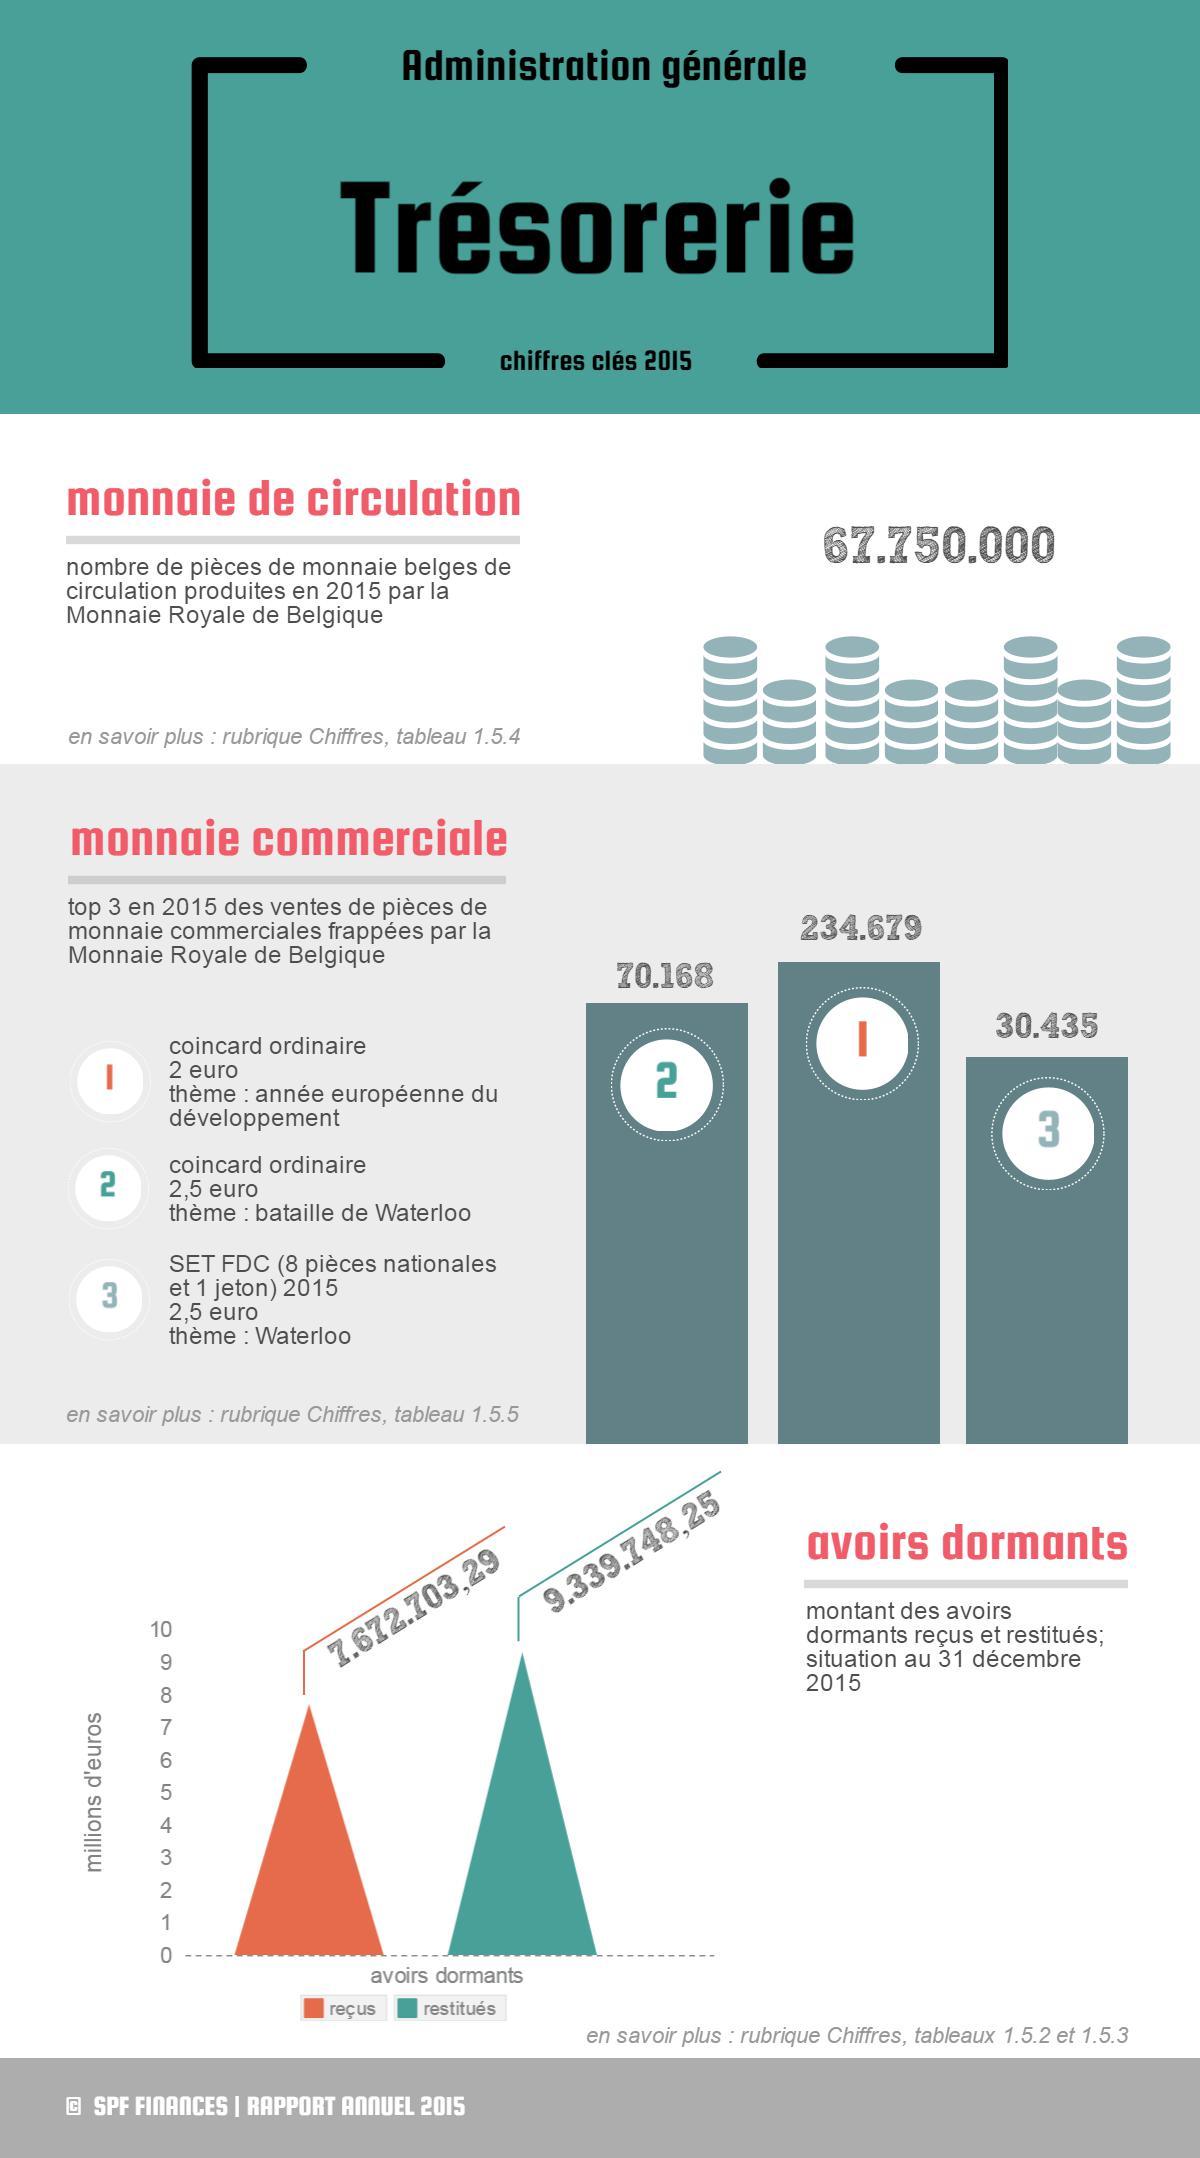 67.750.000 pièces de monnaie belges de circulation produites en 2015 par la Monnaie Royale | Top 3 en 2015 des ventes de pièces de monnaie commerciales frappées par la Monnaie Royale : 1° 234.679 coincards ordinaires 2 € thème : année européenne du développement / 2° 234.679 coincards ordinaires 2,5 € thème : bataille de Waterloo / 3° 30.435 SET FDC (8 pièces nationales et 1 jeton) 2015 2,5 € thème : Waterloo | 7.672.703,29 € avoirs dormants reçus / 9.339.748,25 € avoirs dormants restitués